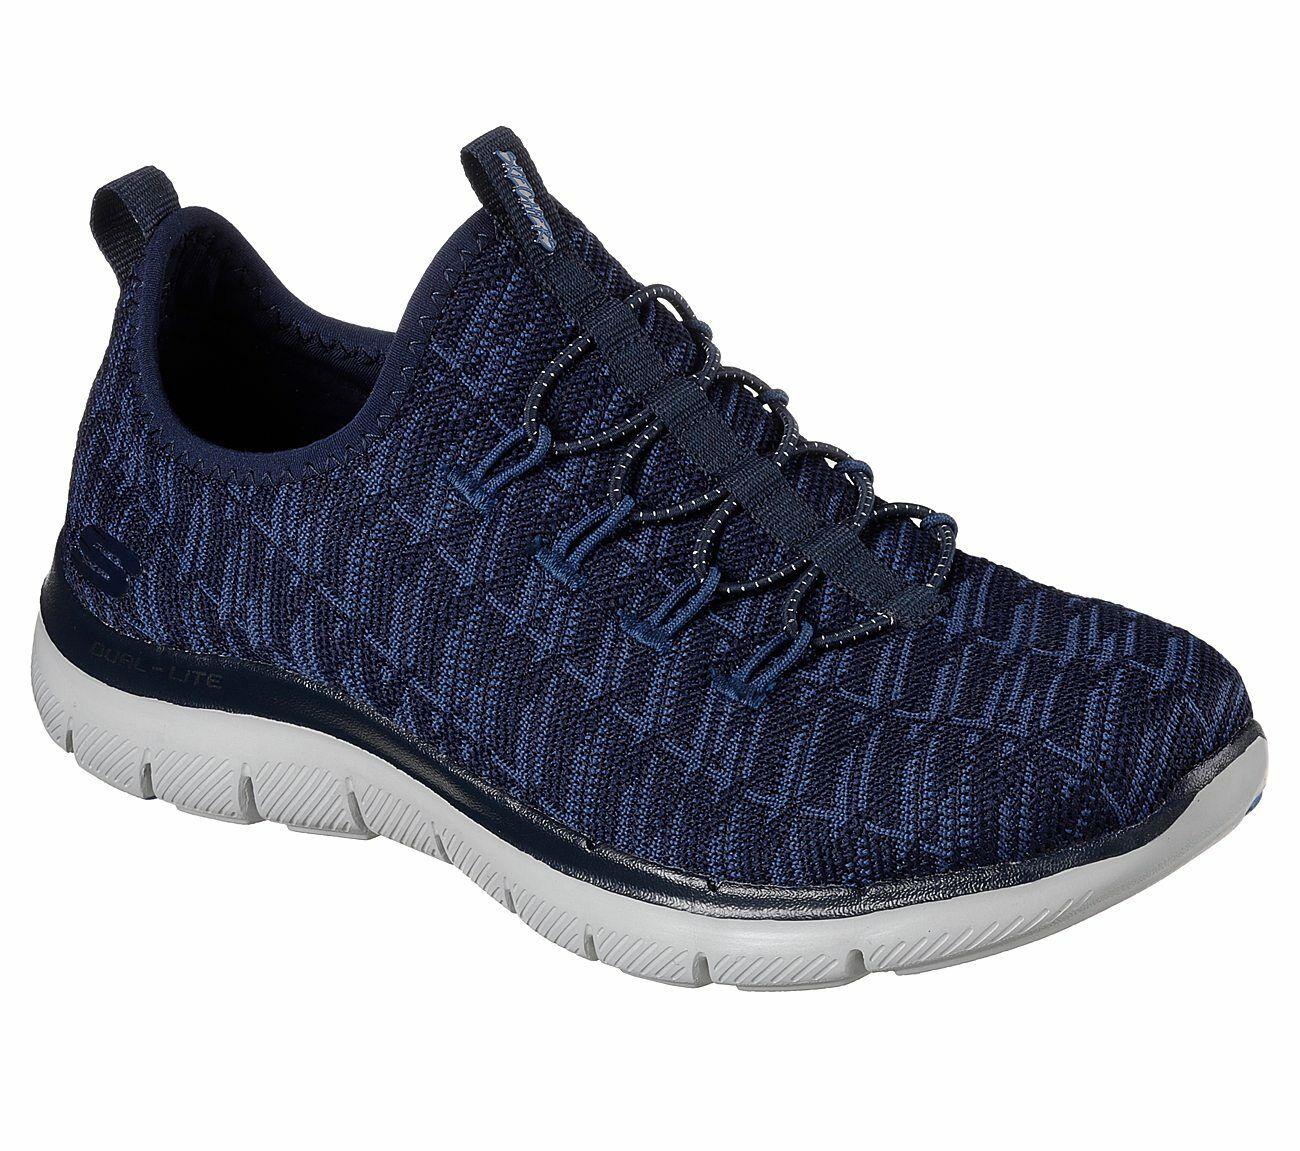 NEU SKECHERS Damen Sneakers Walking Turnschuhe FLEX APPEAL 2.0 - INSIGHTS Blau